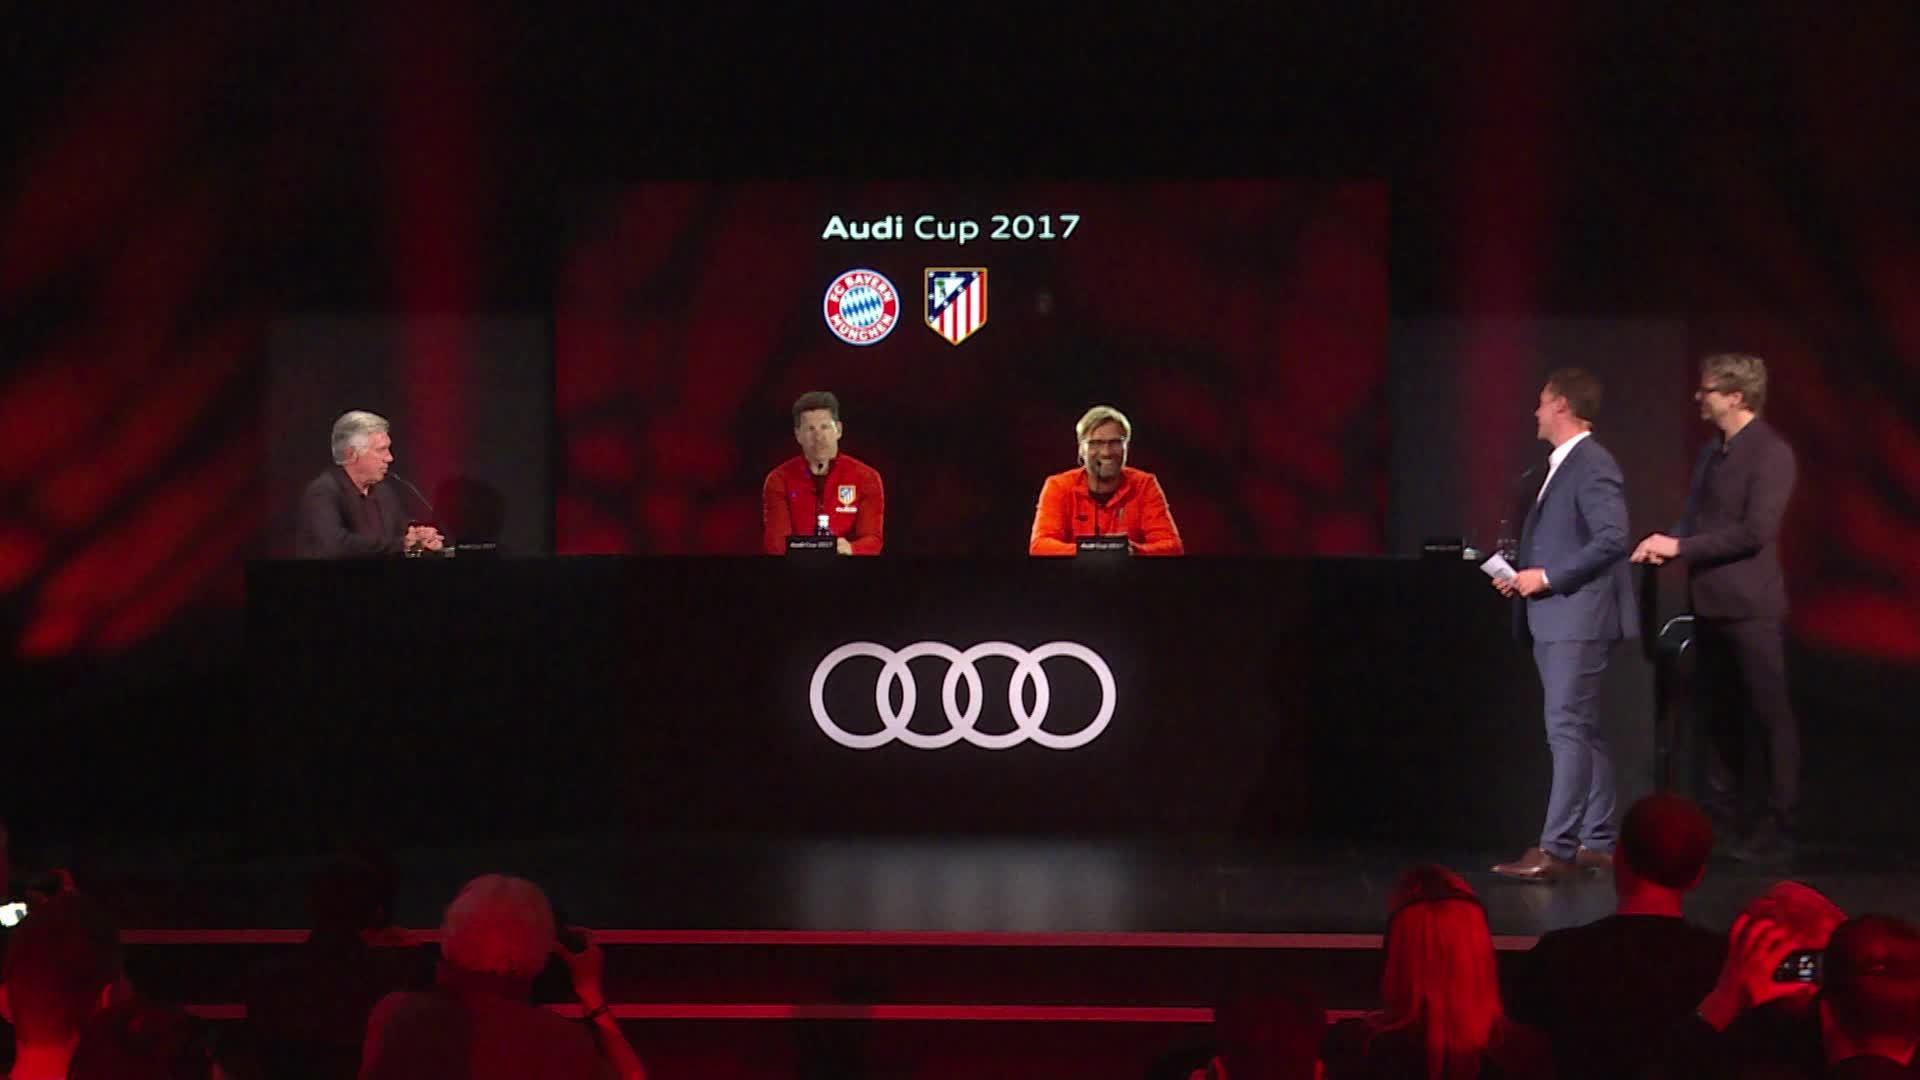 Audi Cup 2017 Pressekonferenz